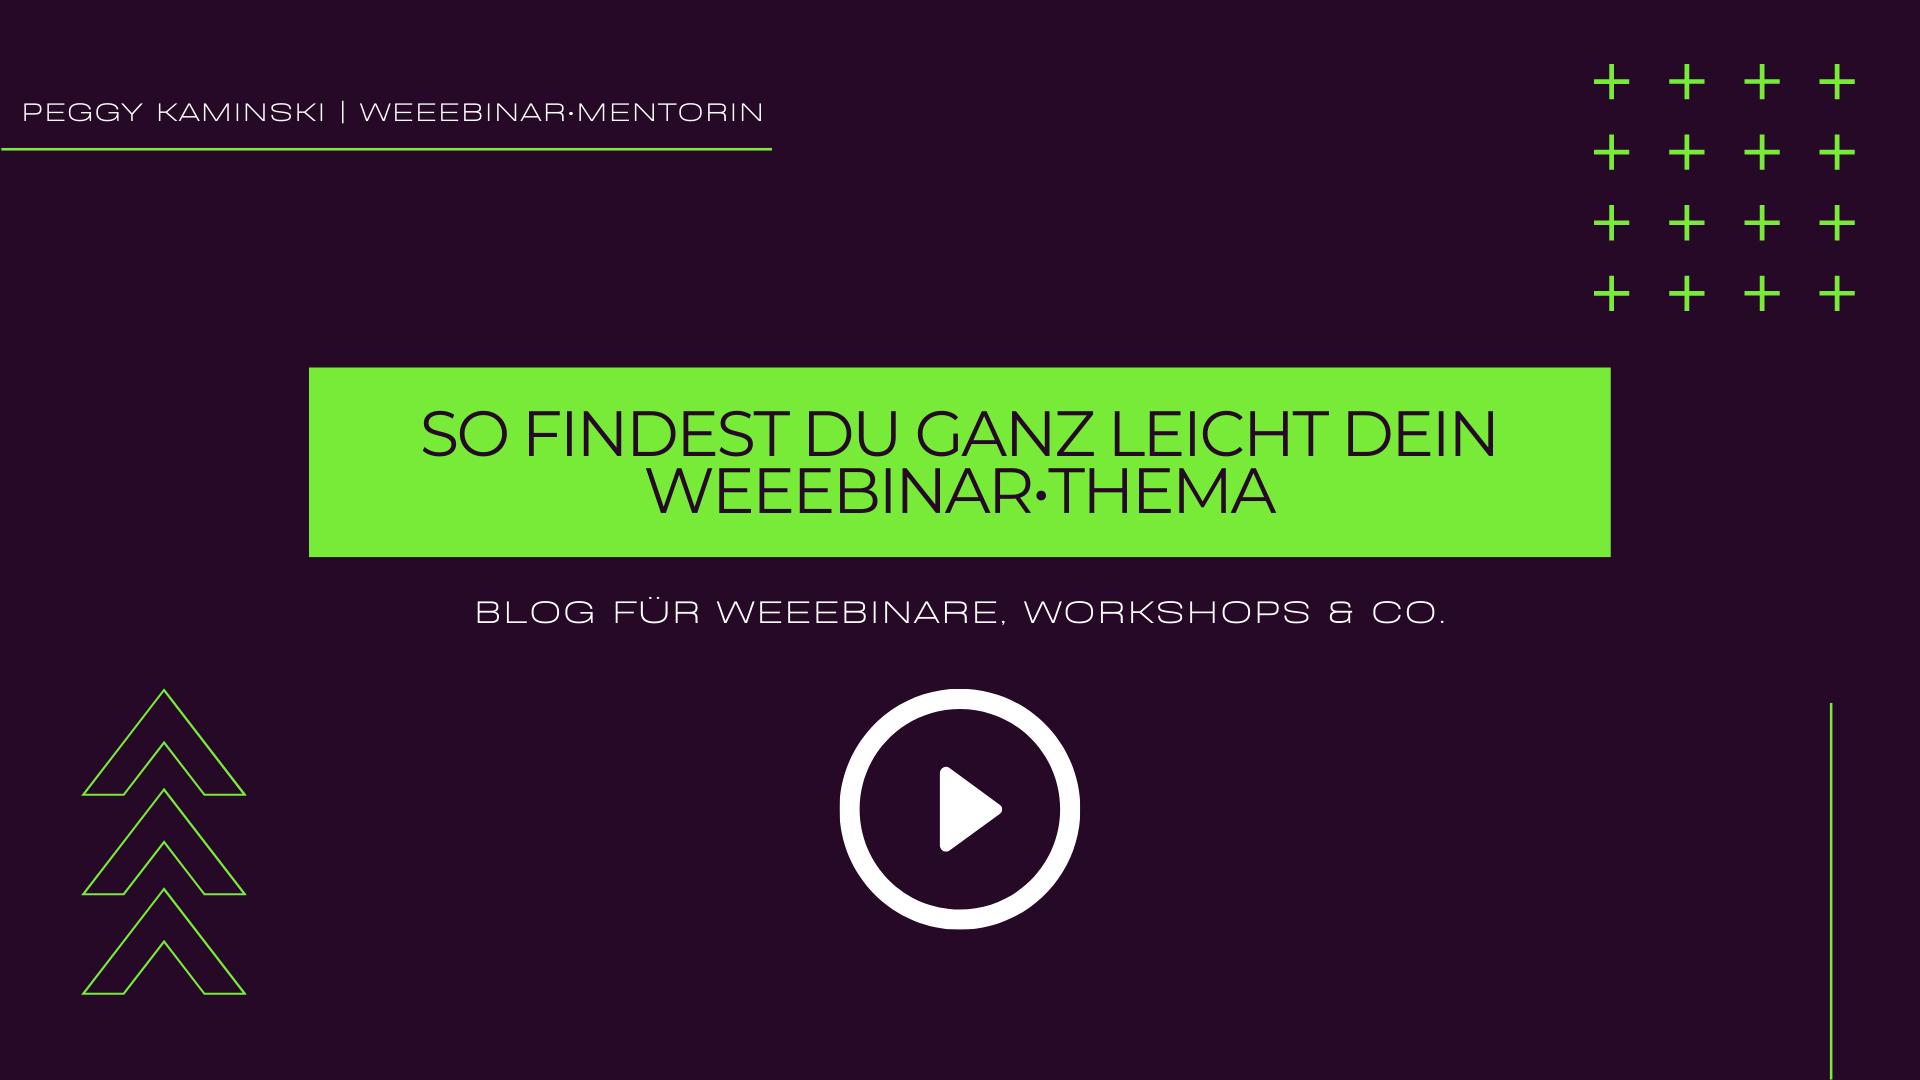 Thumbnail zur Folge: So findest du ganz leicht dein Weeebinar-Thema